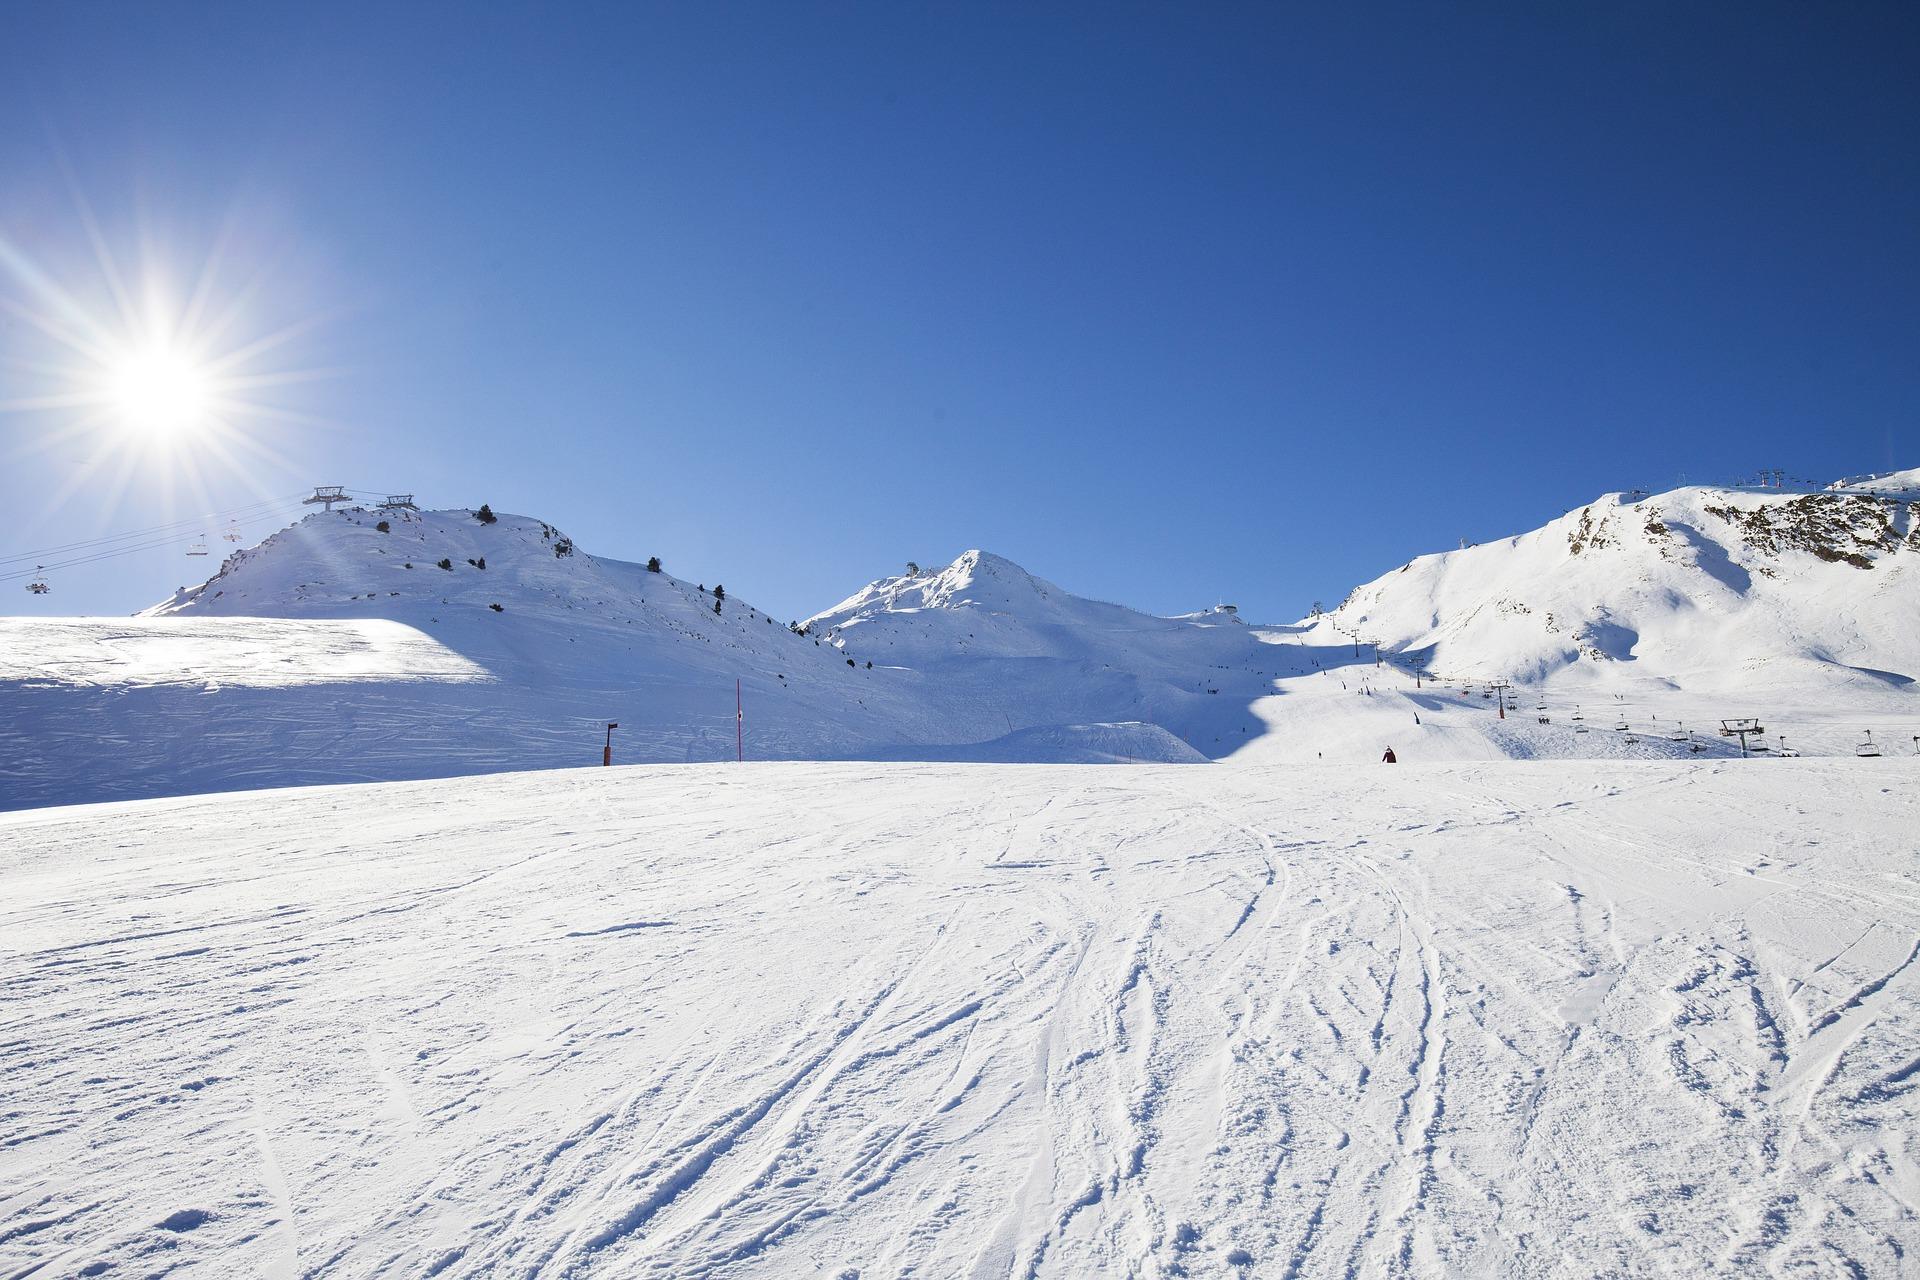 Schneemobil Fahren im Urlaub Winter